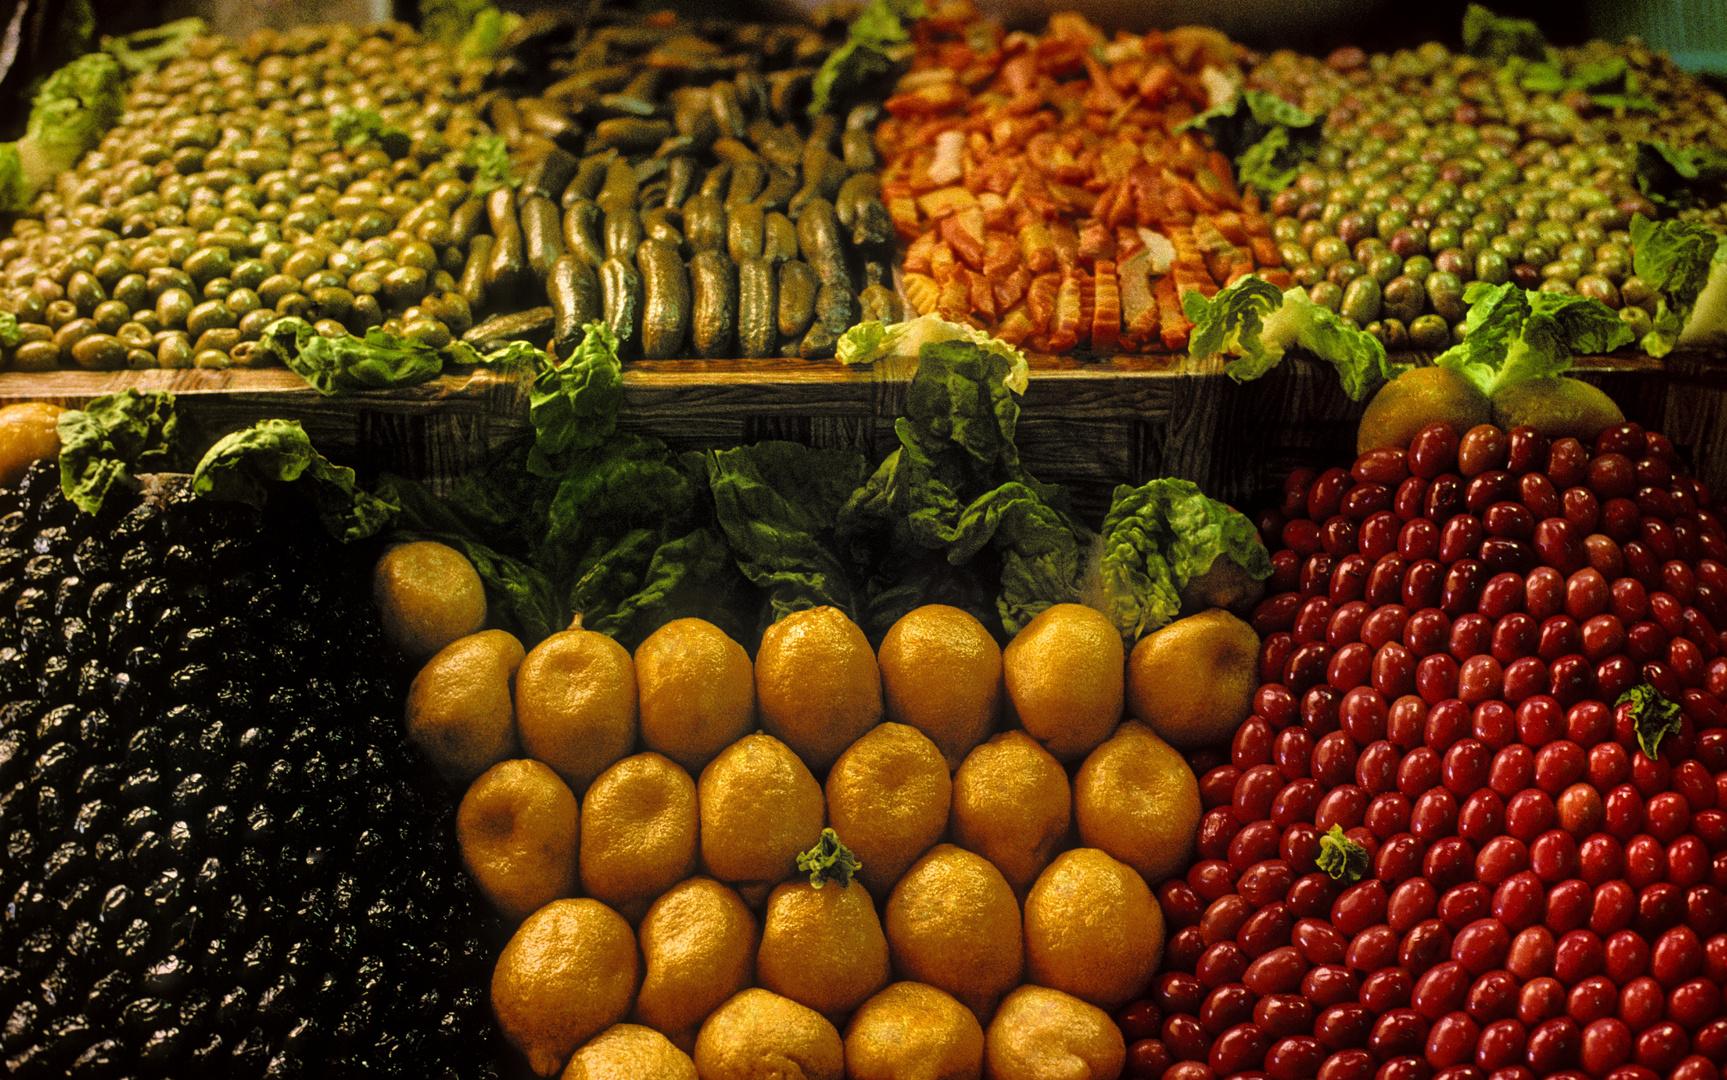 Angebot auf dem Markt in Rabat